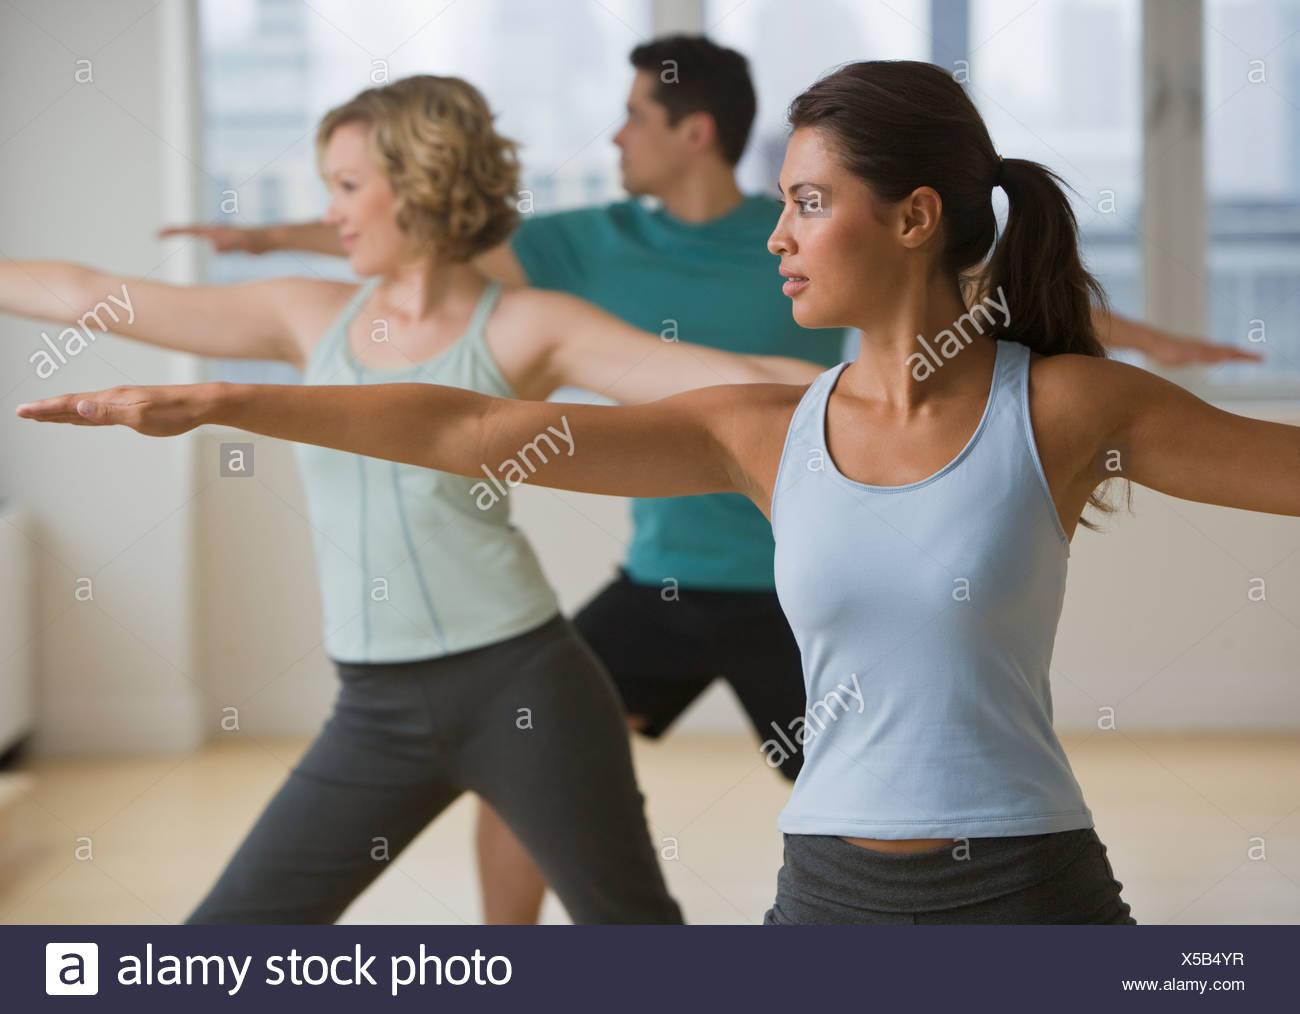 Multi-ethnic people in yoga class Stock Photo